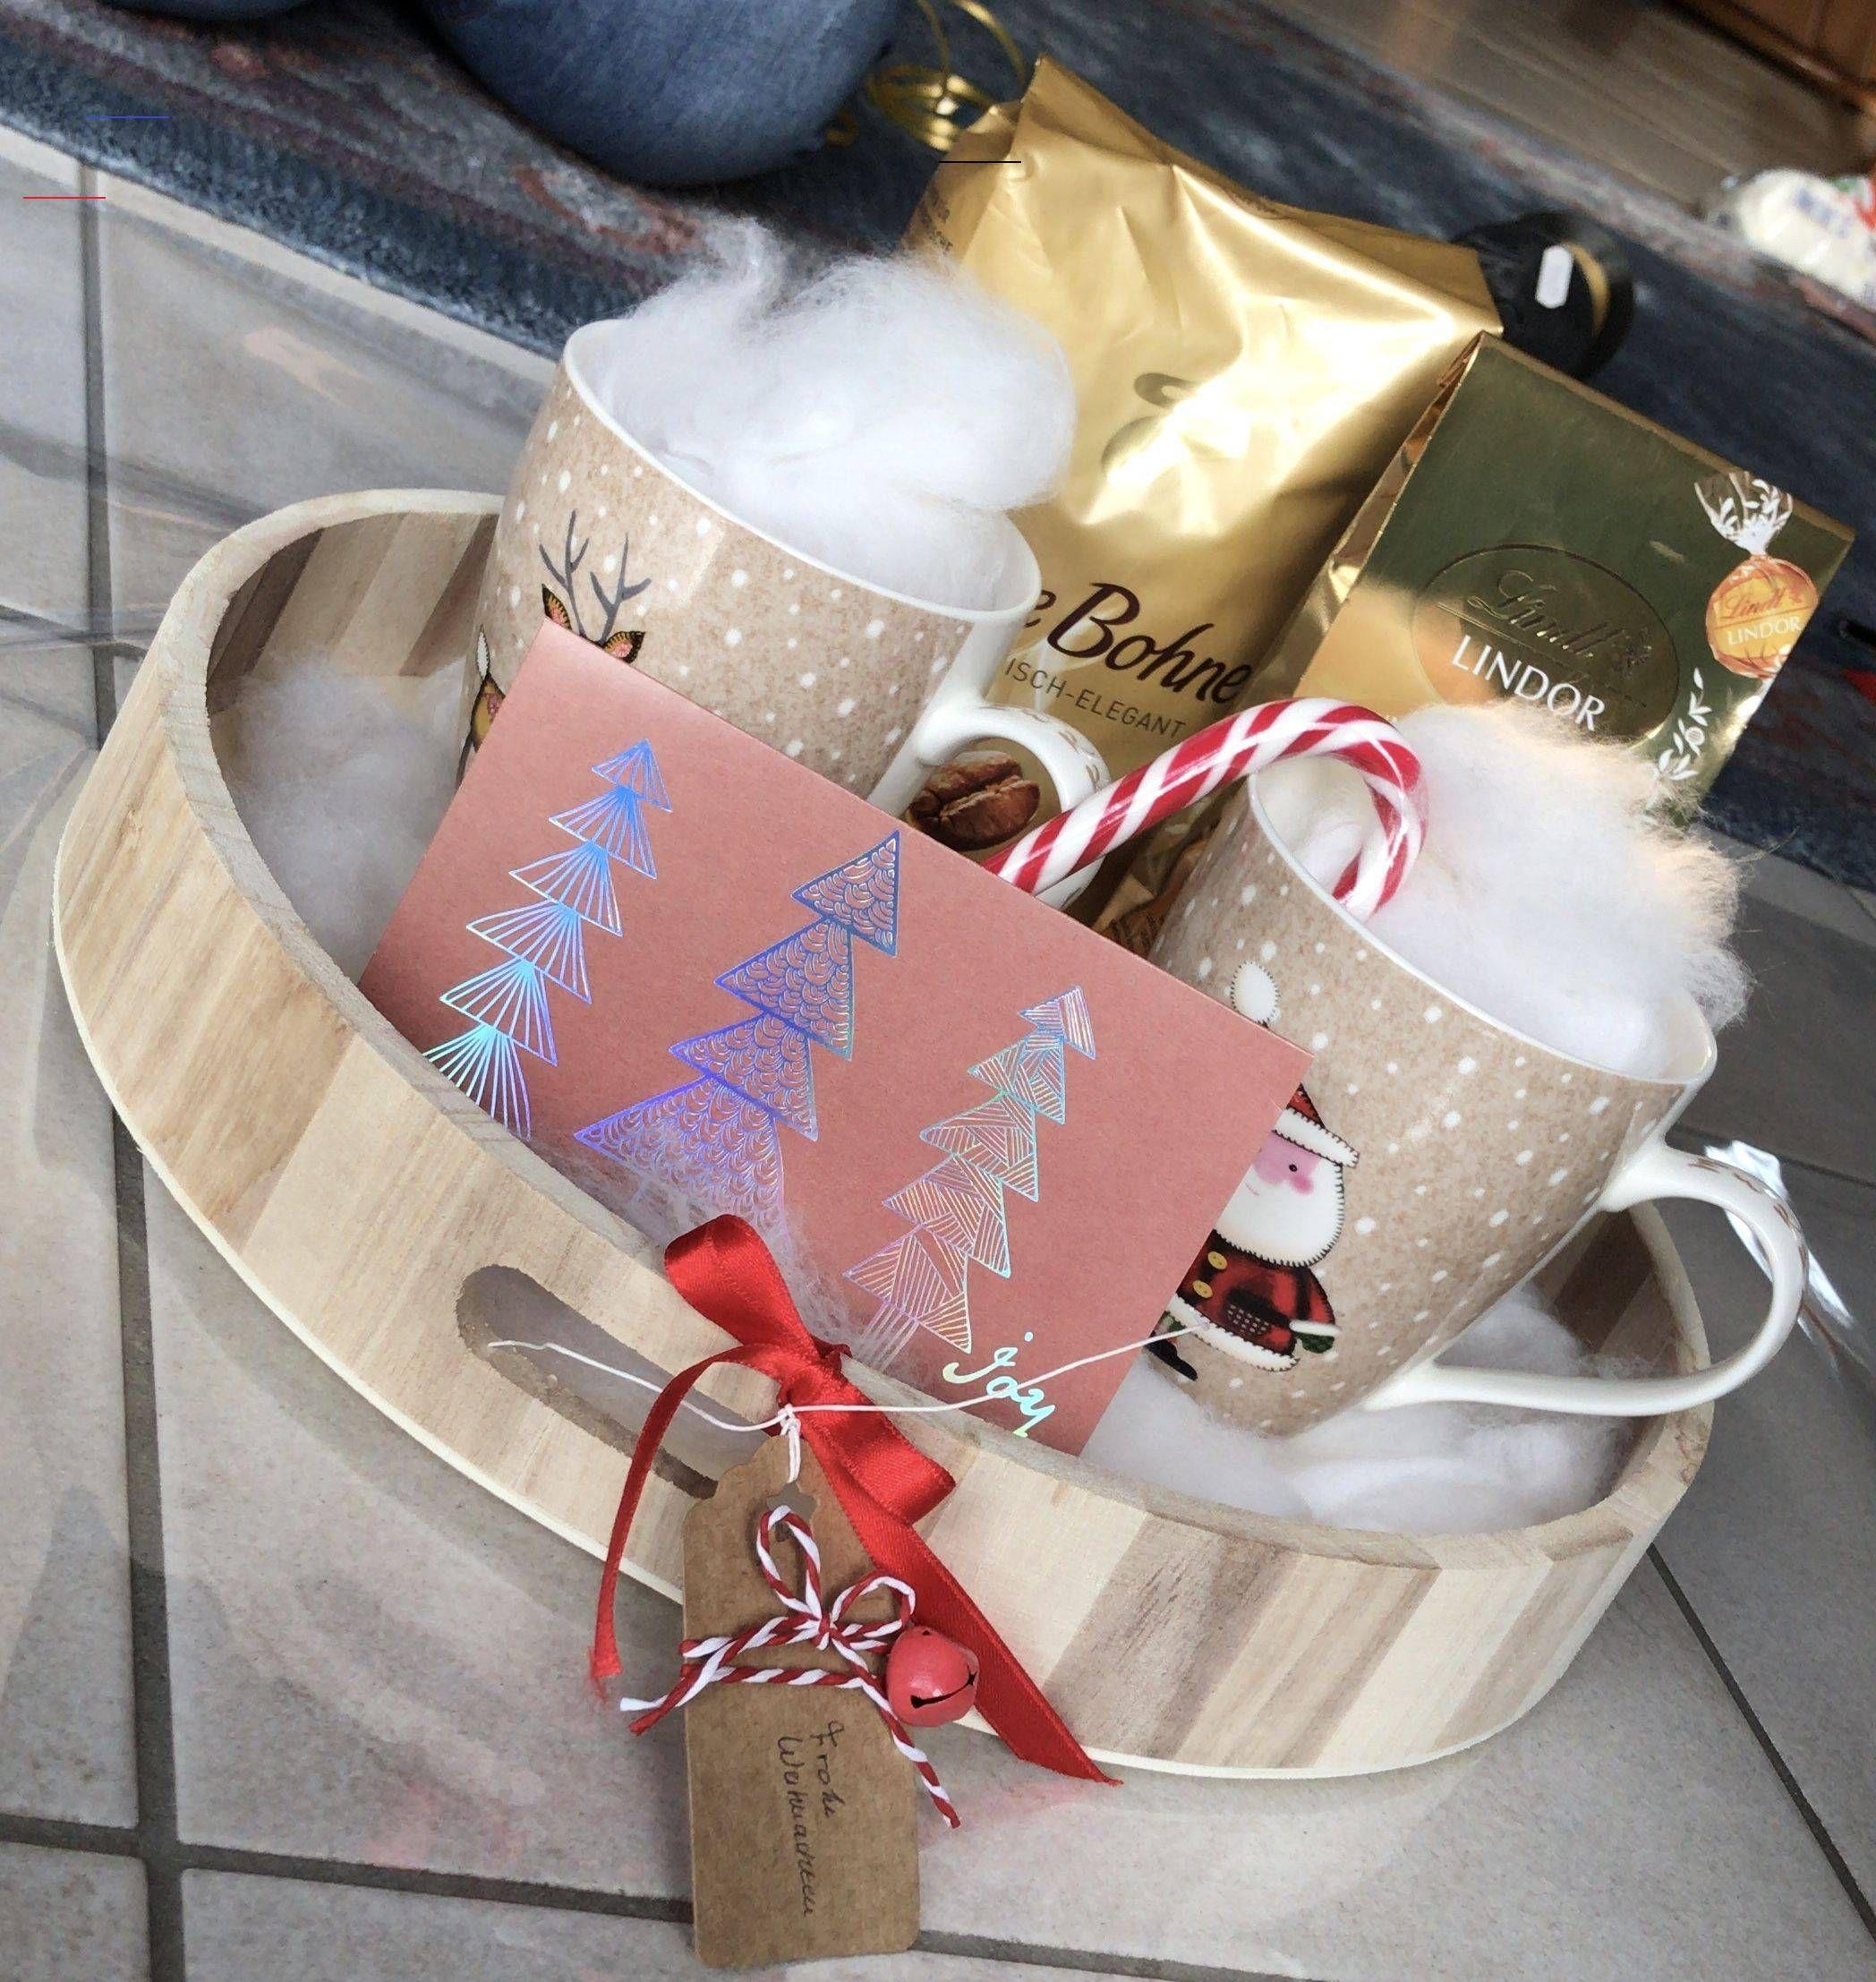 mamas kram Werken mit Papier Basteln Geschenke Geschenke